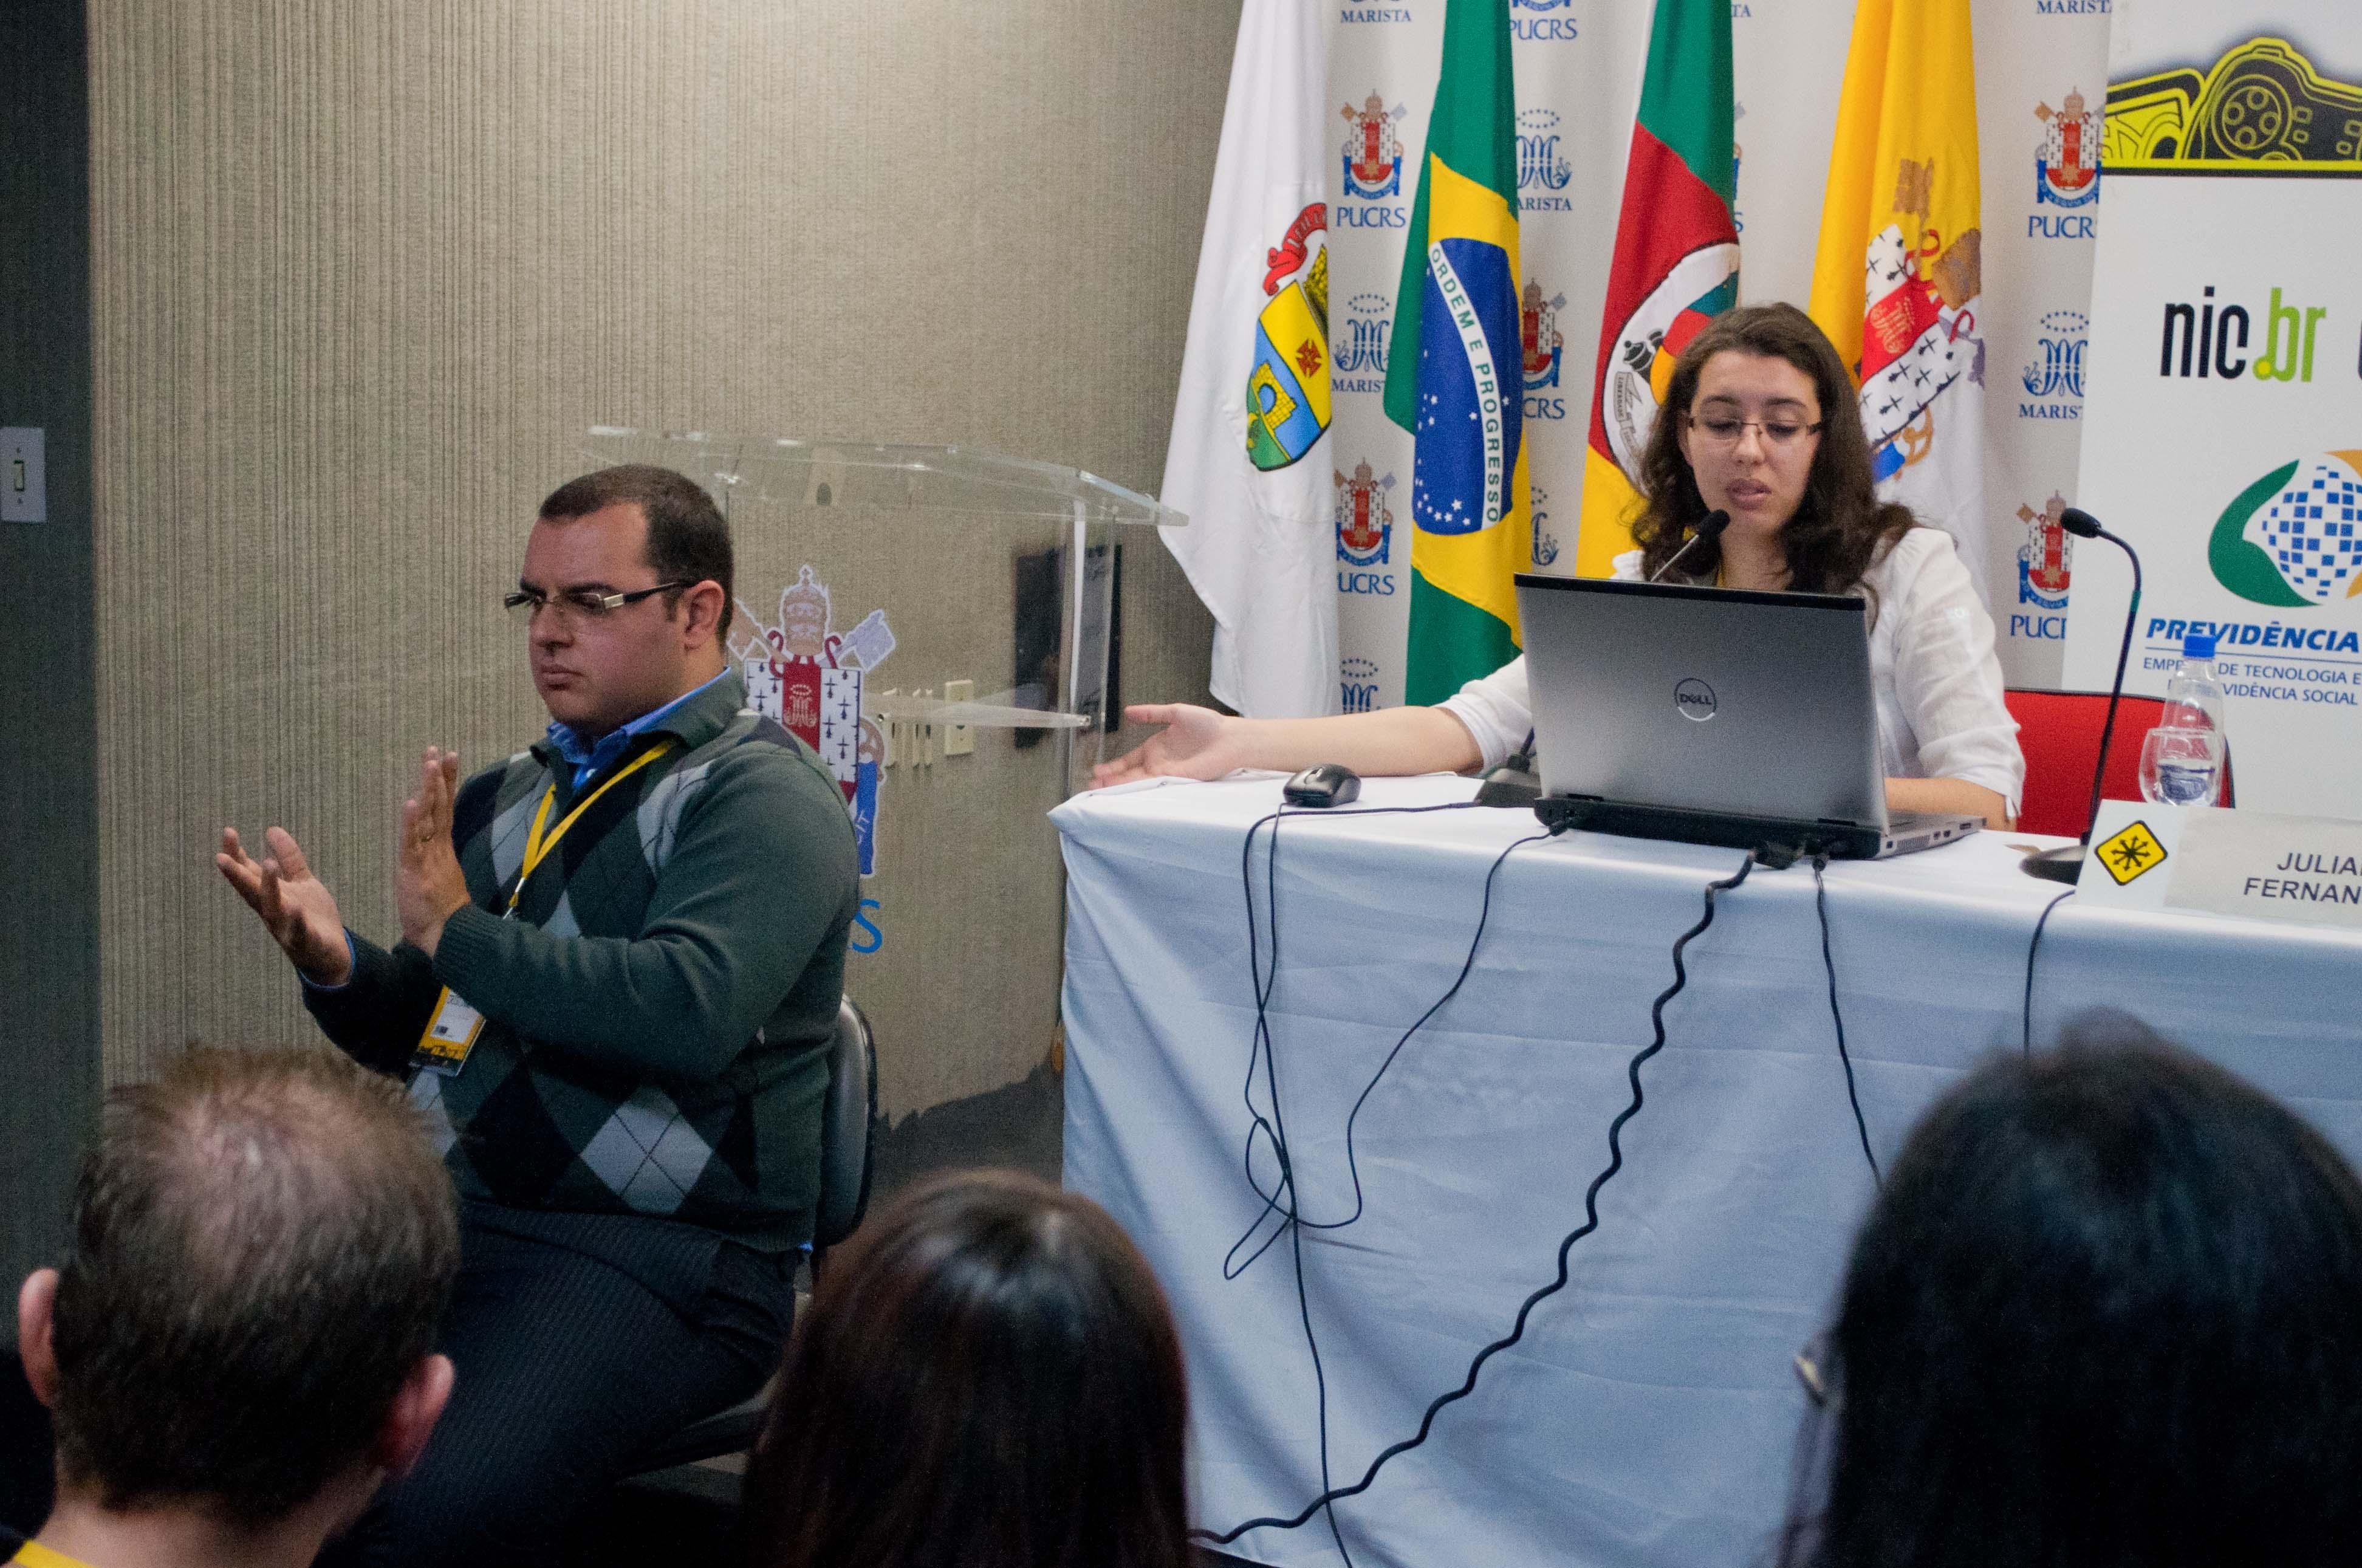 Palestra do Fisl sobre acessibilidade foi feita com a ajuda de um tradutor de Libras (Foto: Giordano Tronco/Techtudo)